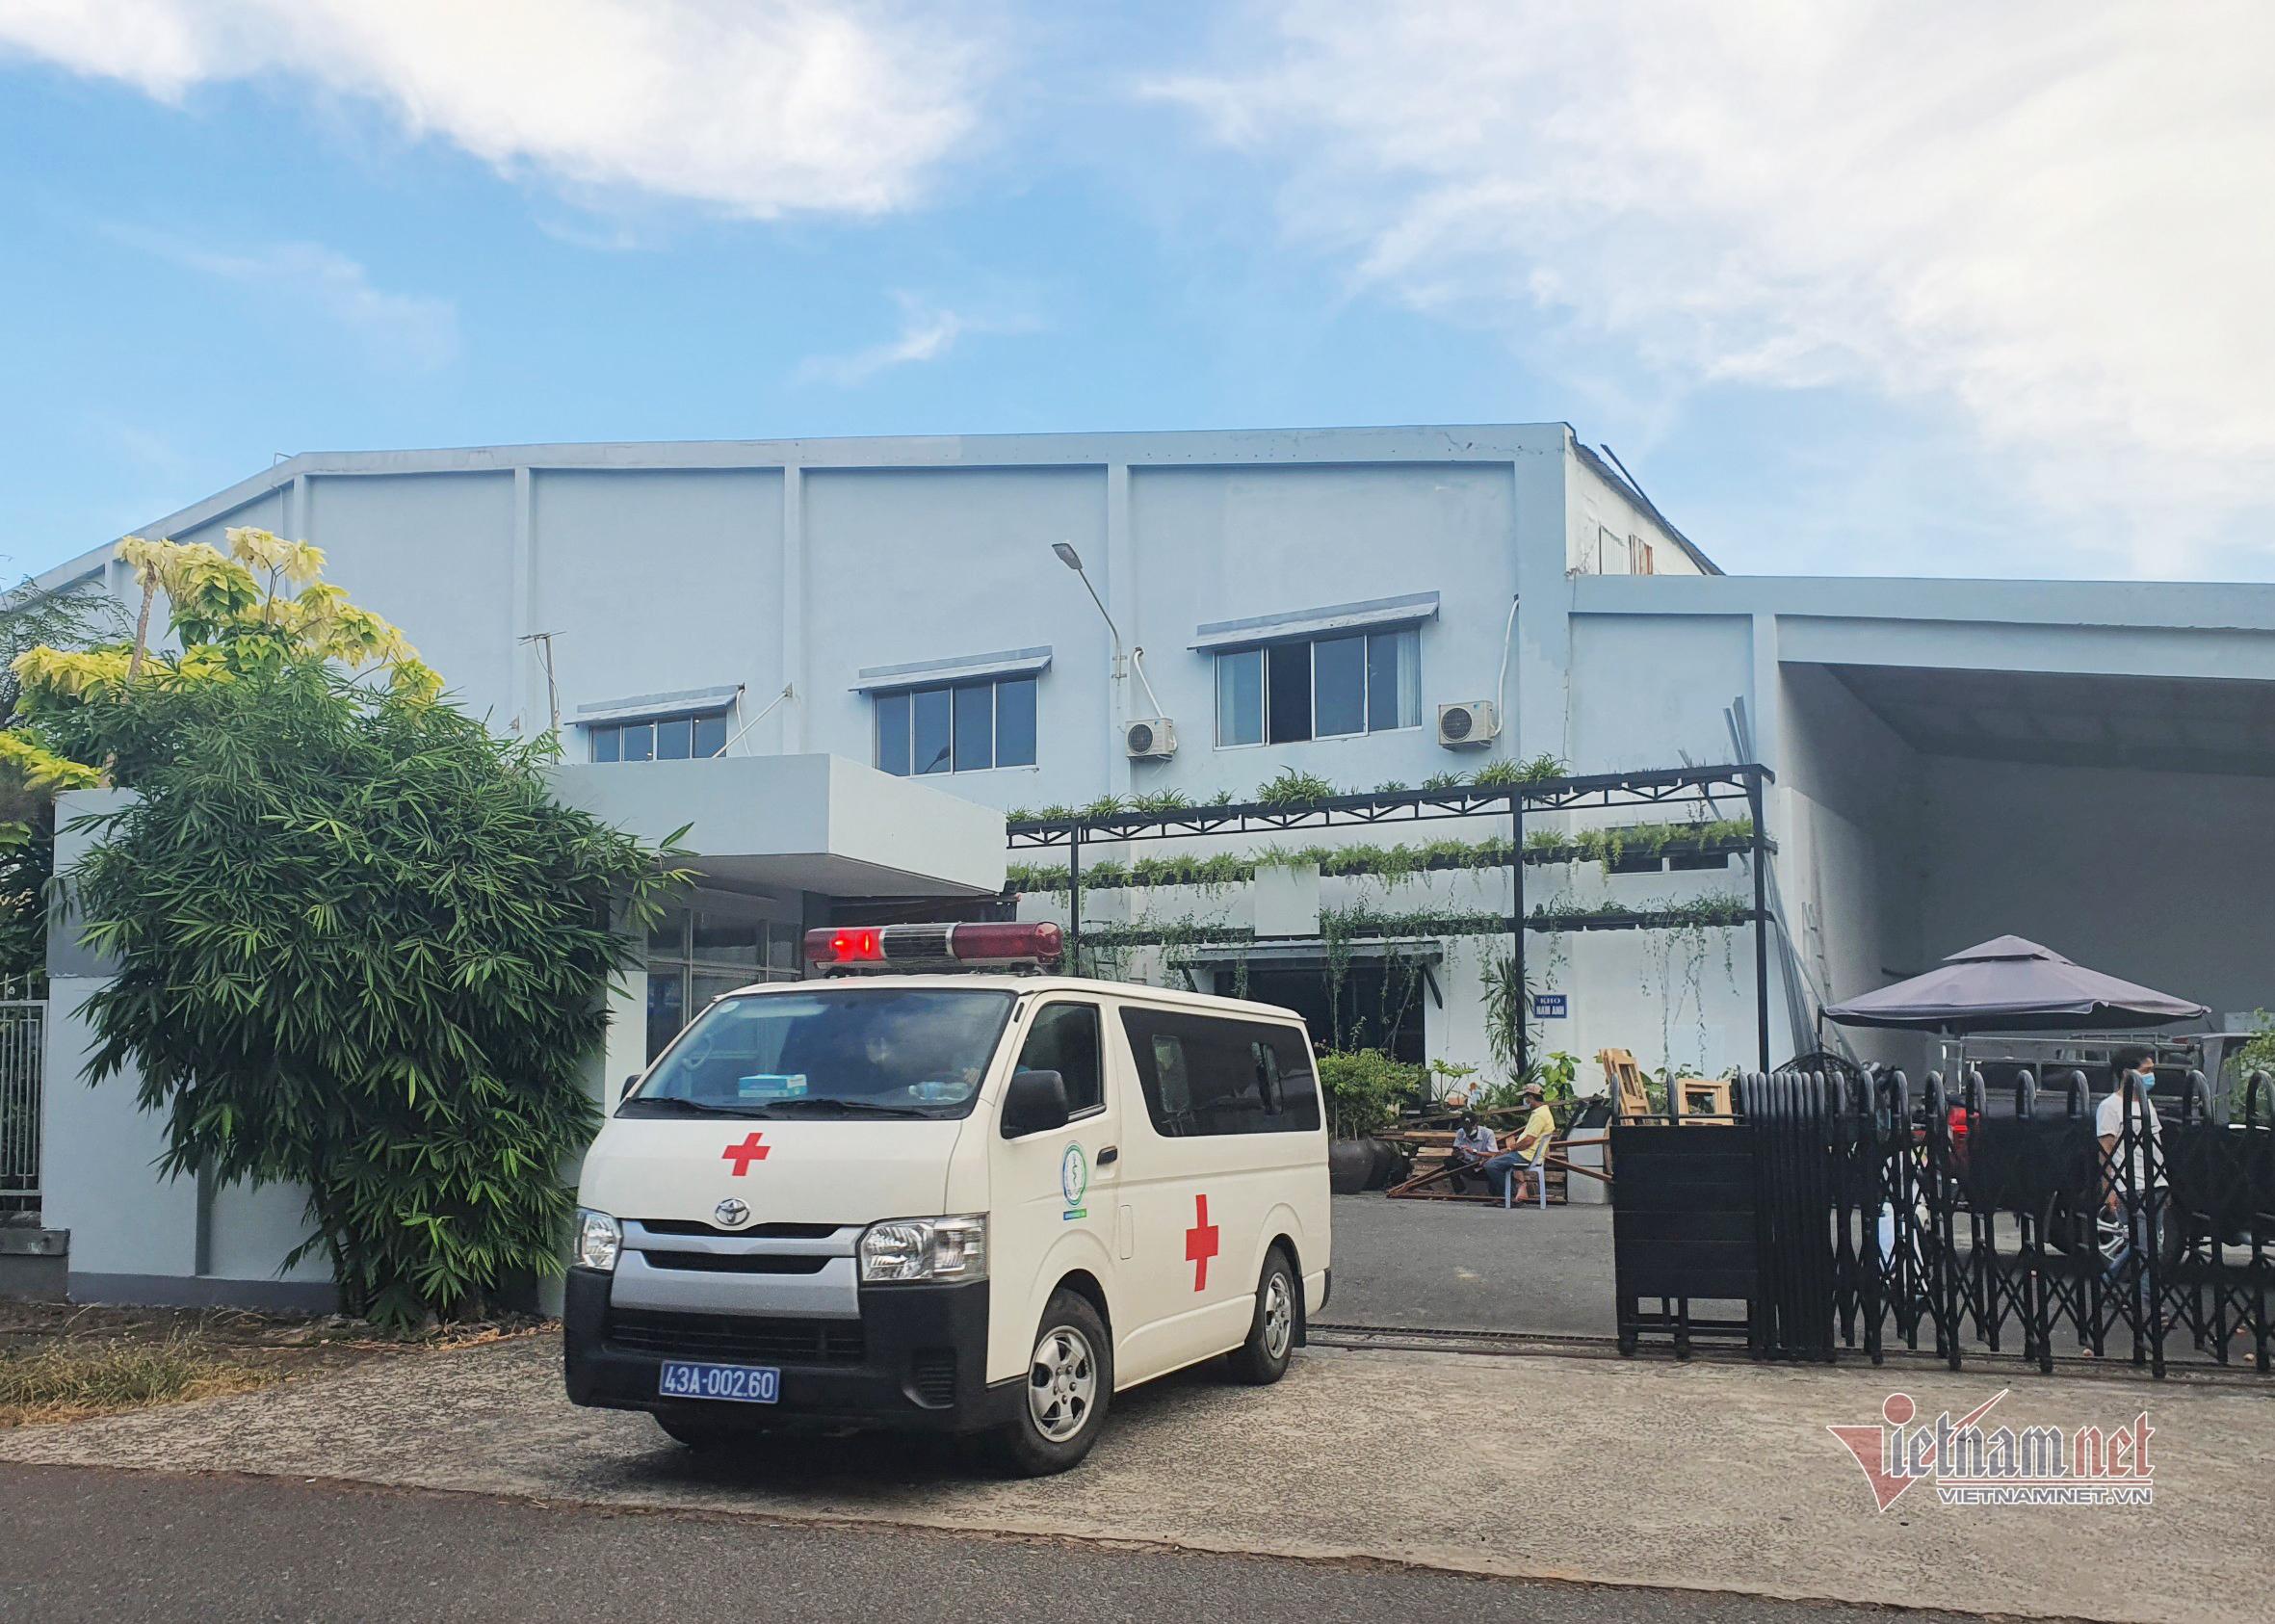 Cách ly 260 người trong khu công nghiệp ở Đà Nẵng vì ca Covid-19